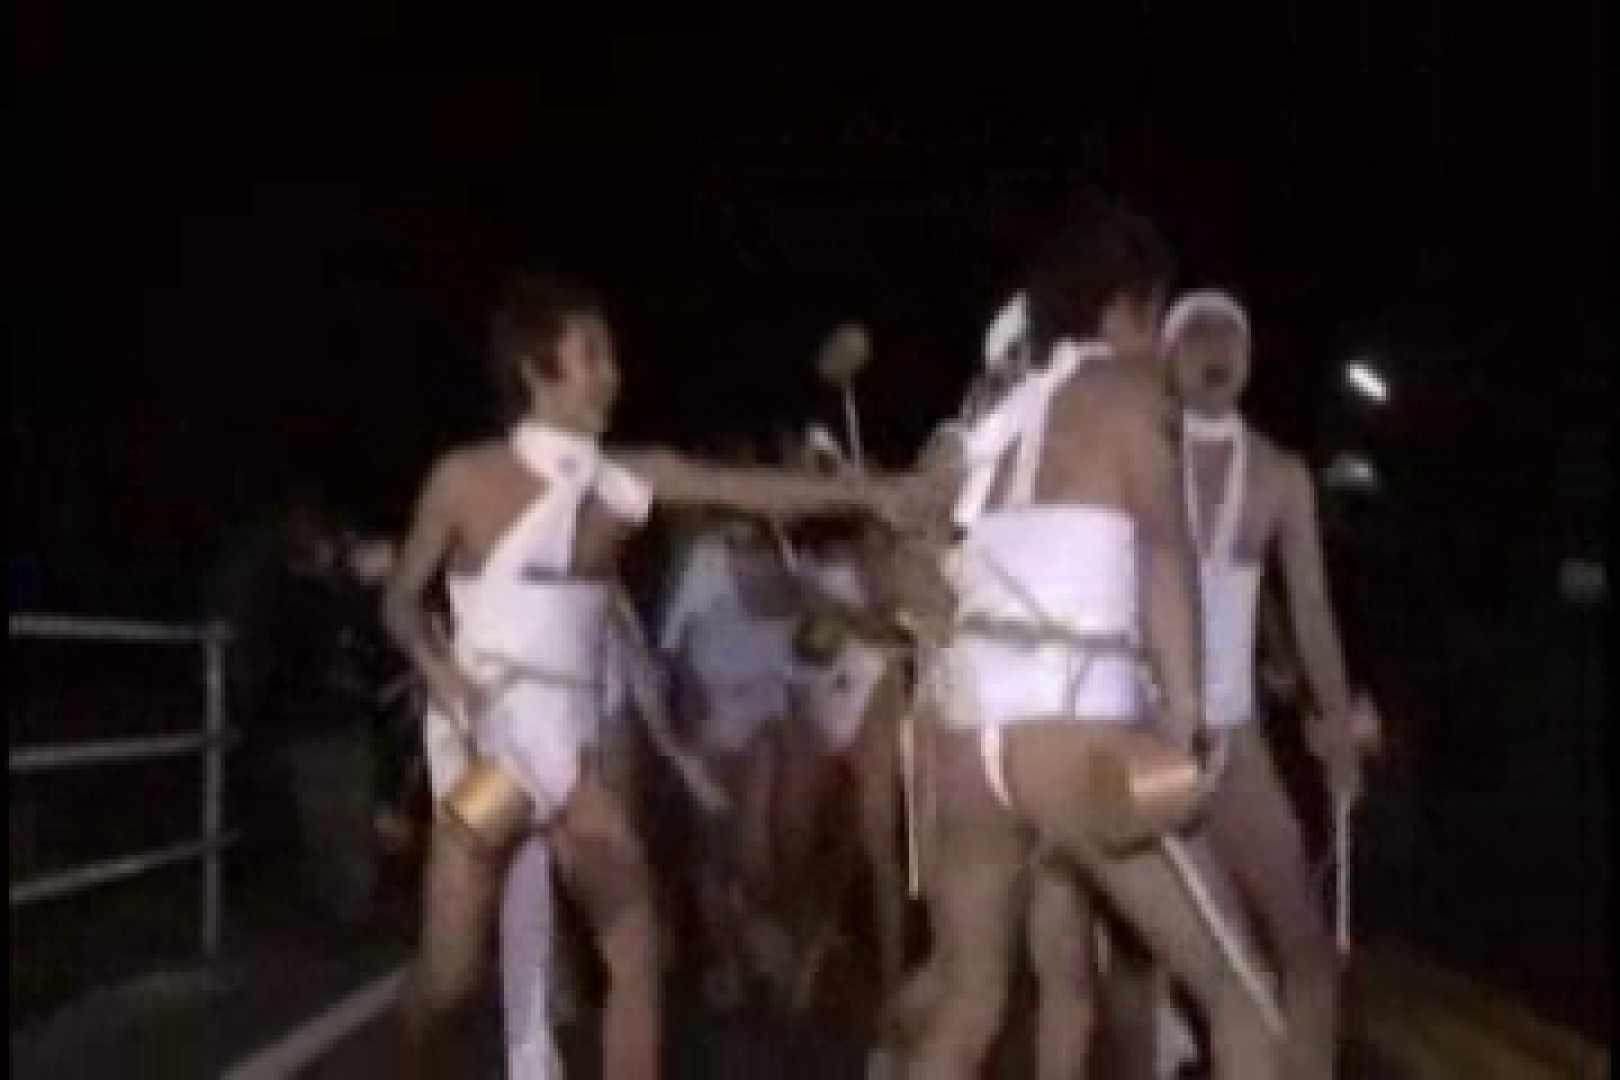 陰間茶屋 男児祭り VOL.7 男どうし ゲイ無料無修正画像 110pic 22